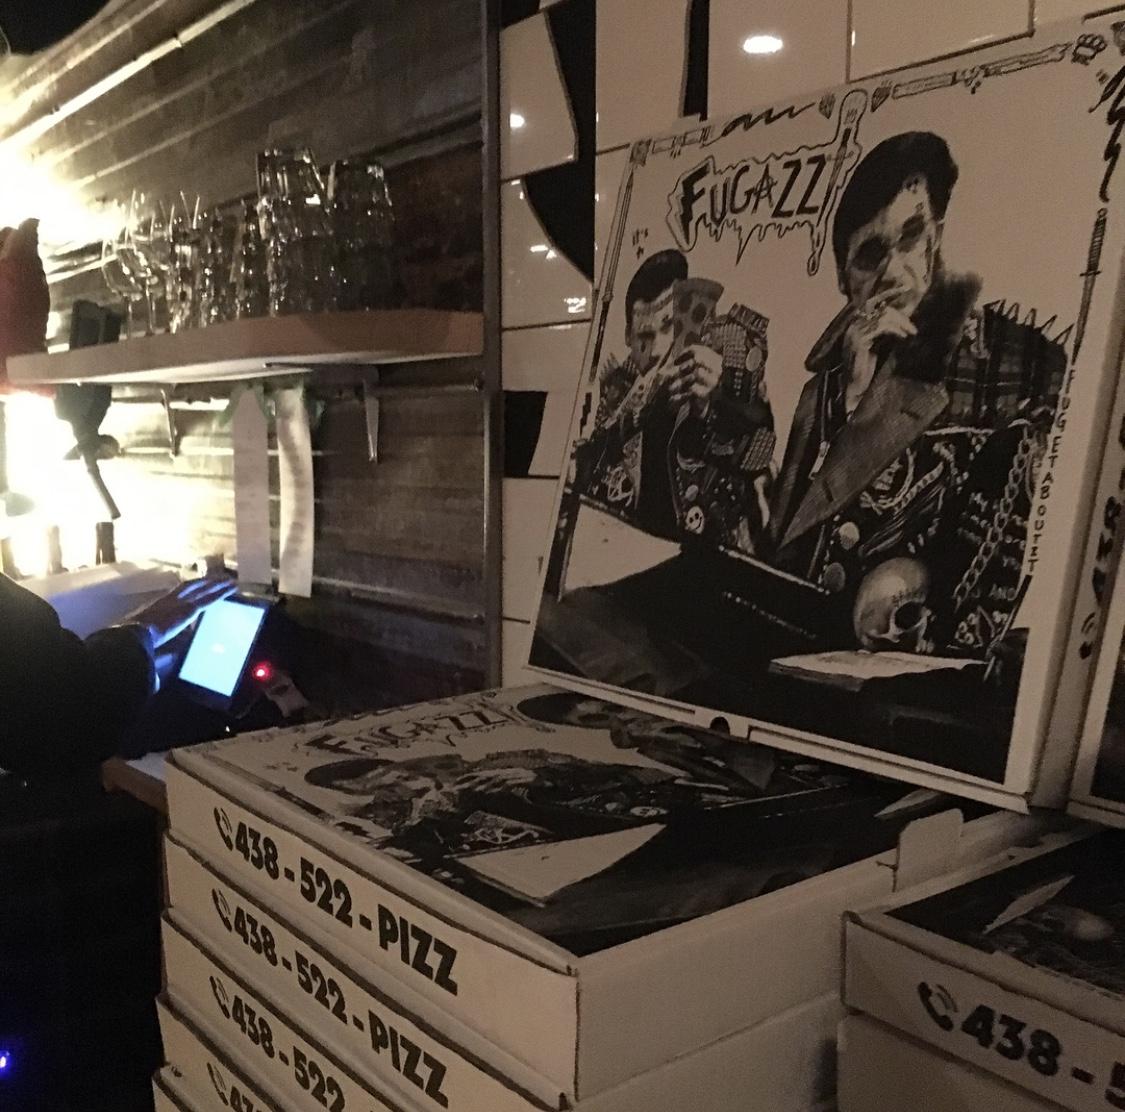 stikki fugazzi pizzeria montreal